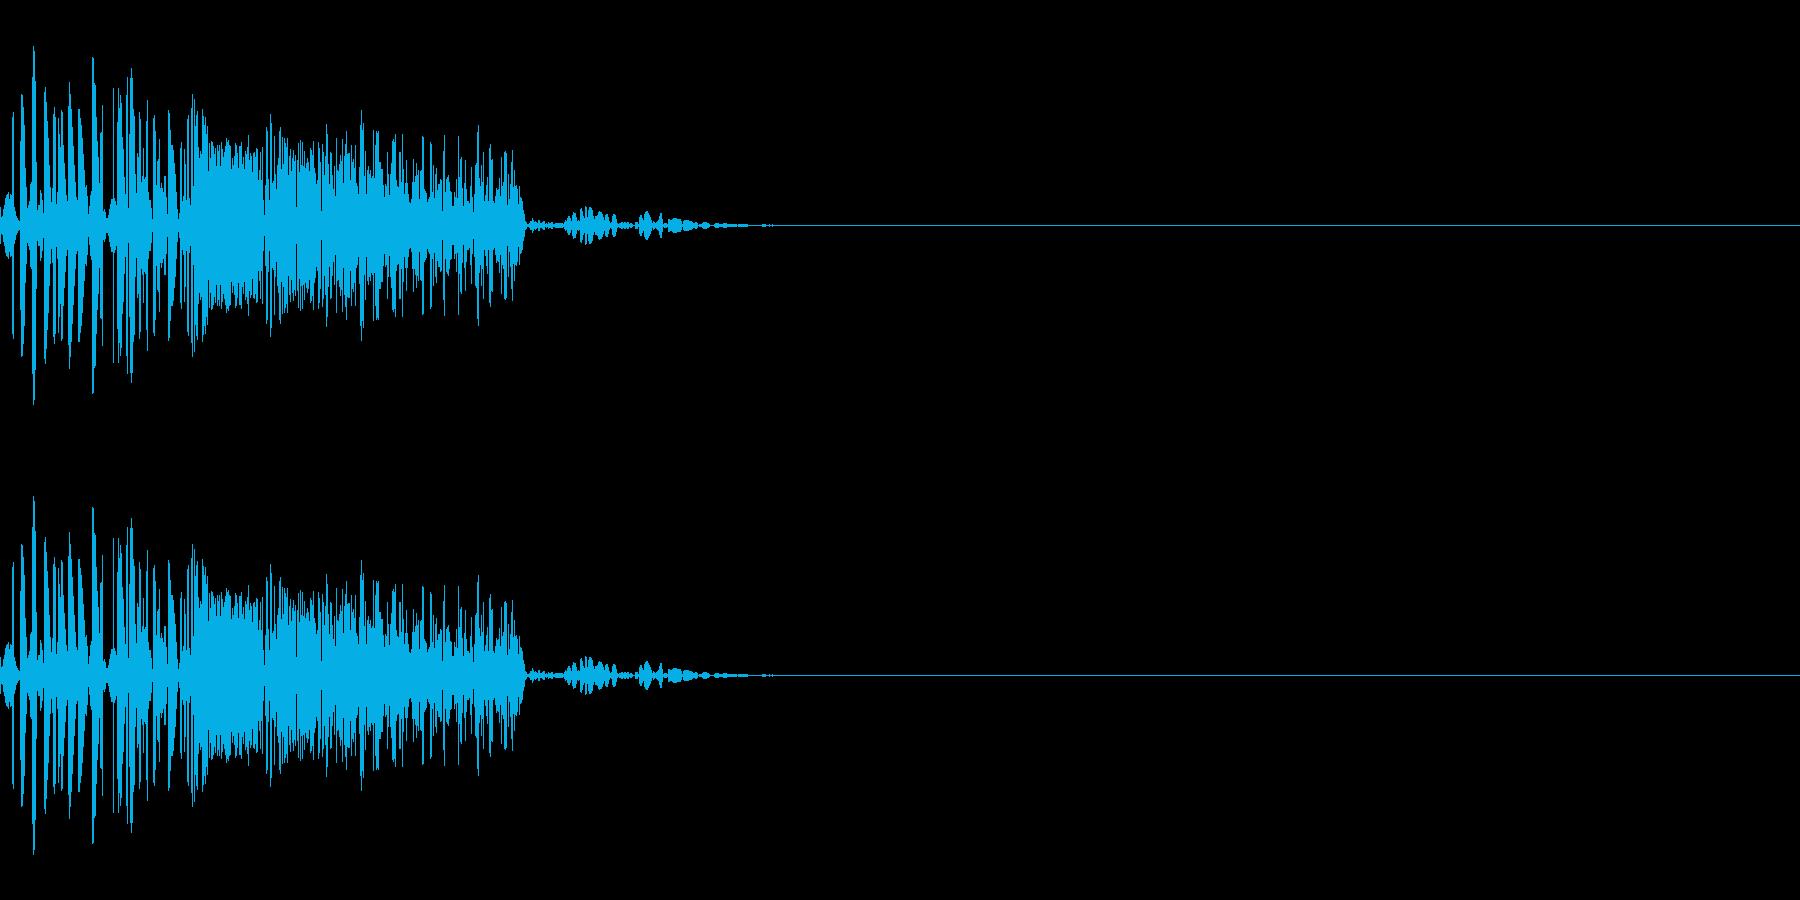 バシッ(打撃/キック/中攻撃)の再生済みの波形